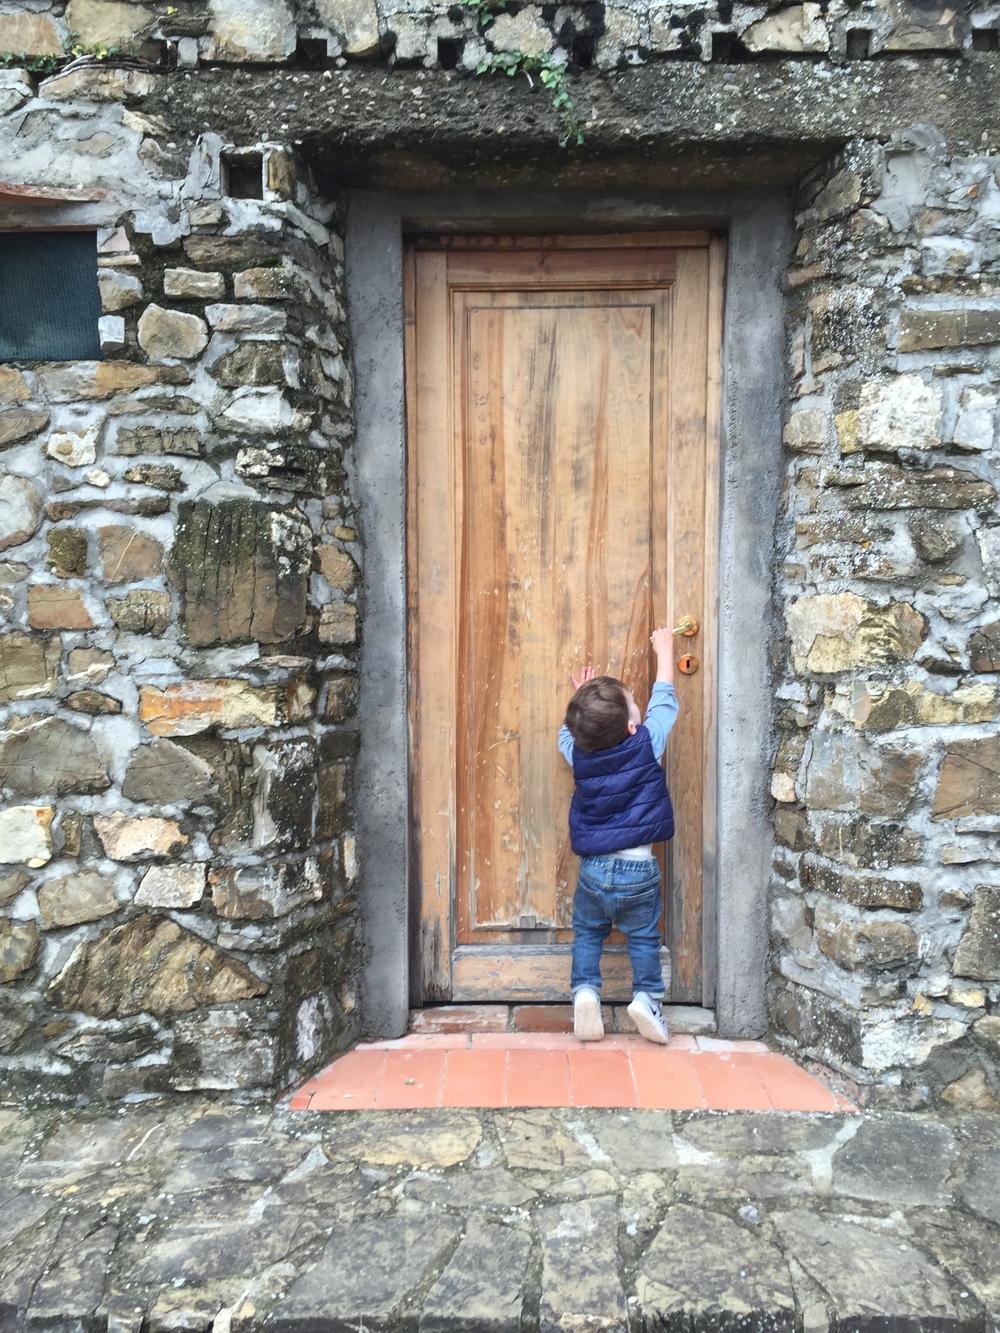 Our Poggio al Sole holiday apartment's front door. Photo: Ray Cuevas